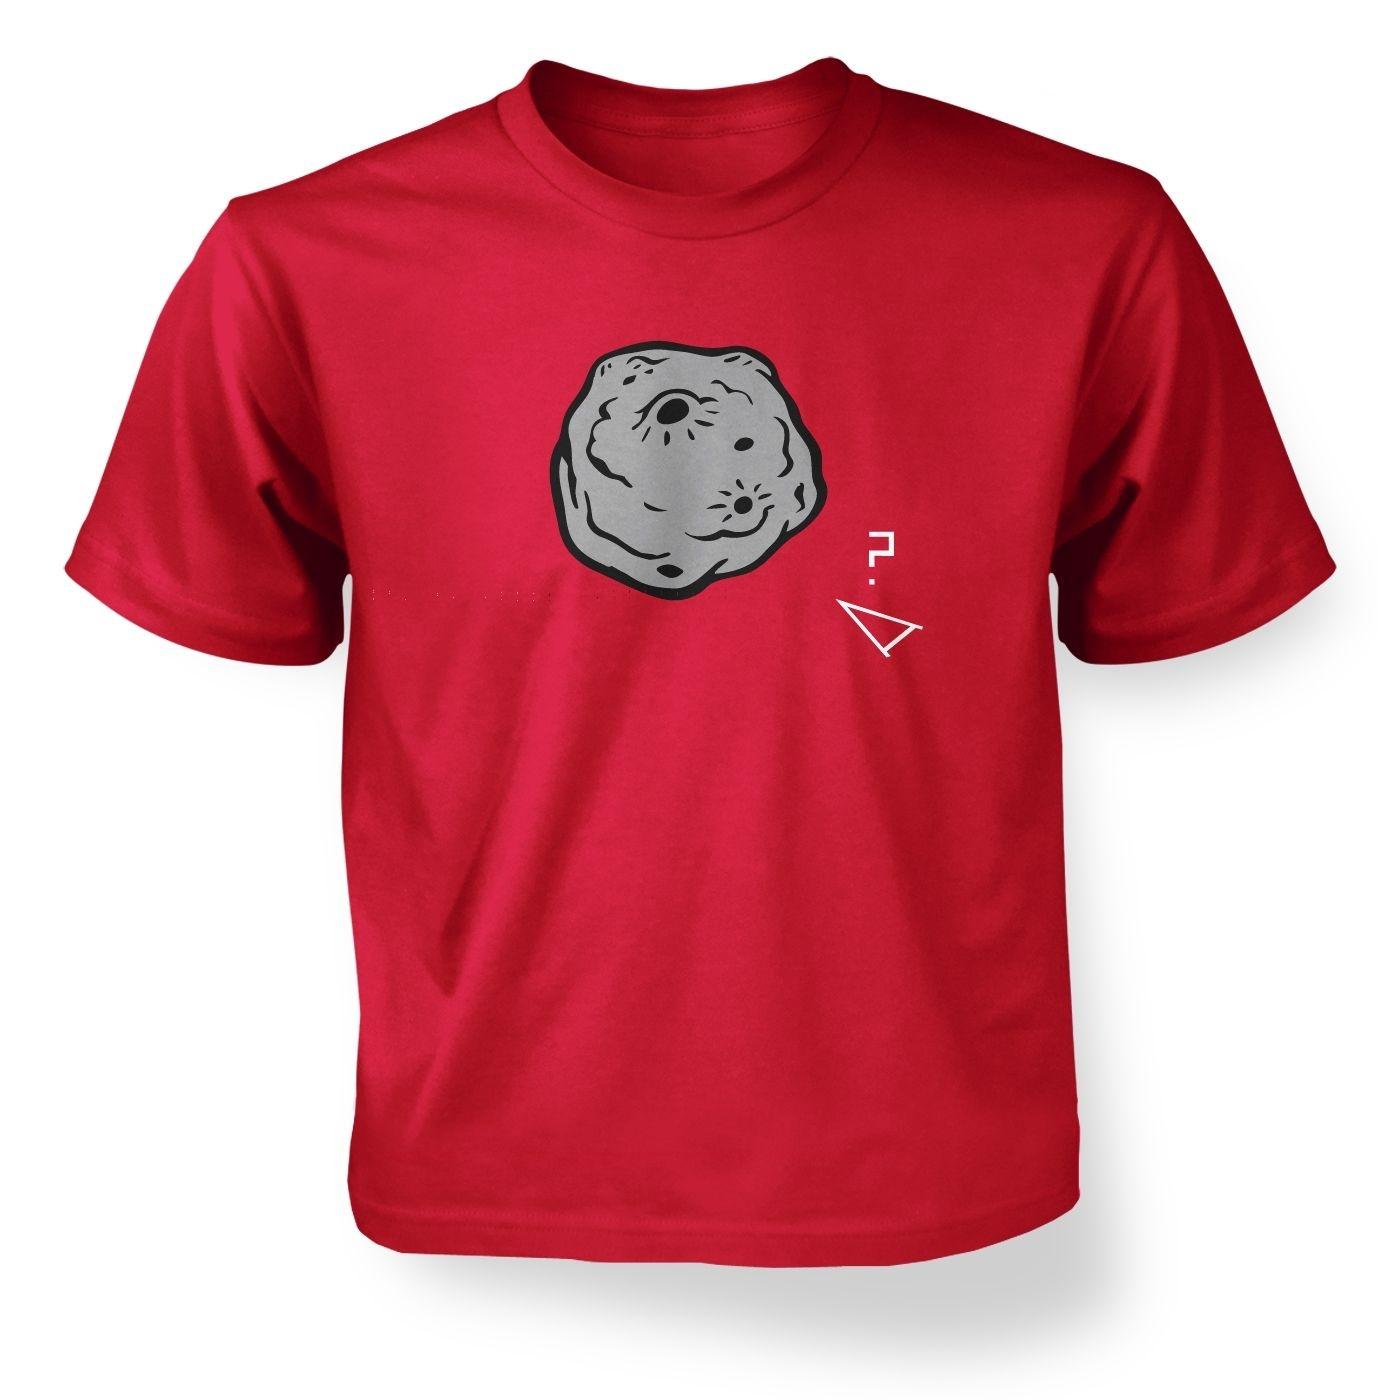 asteroid scientist shirt - photo #12